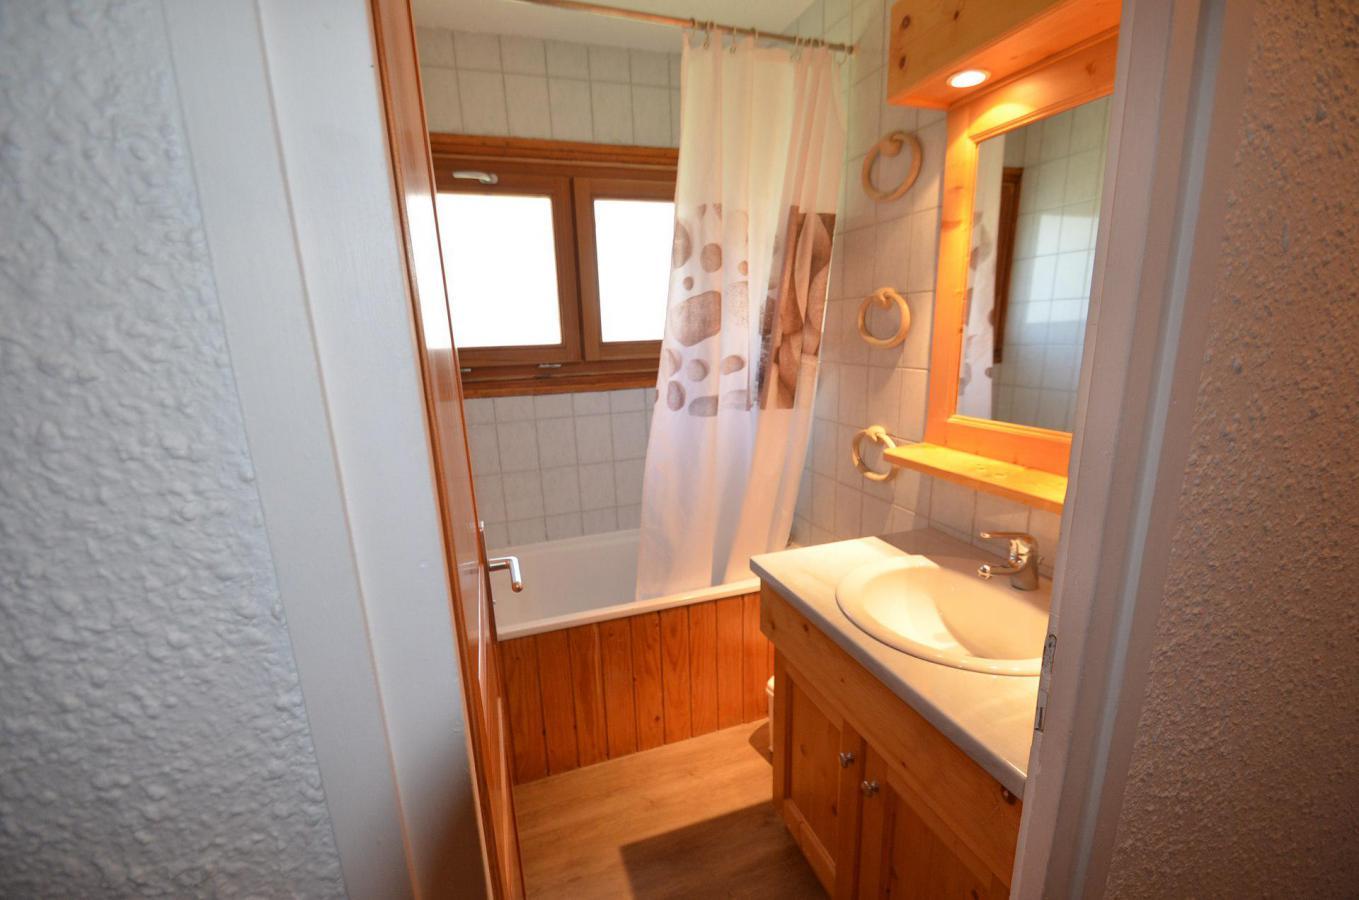 Location au ski Appartement 3 pièces 8 personnes (106) - Residence Pelvoux - Les Menuires - Cuisine ouverte